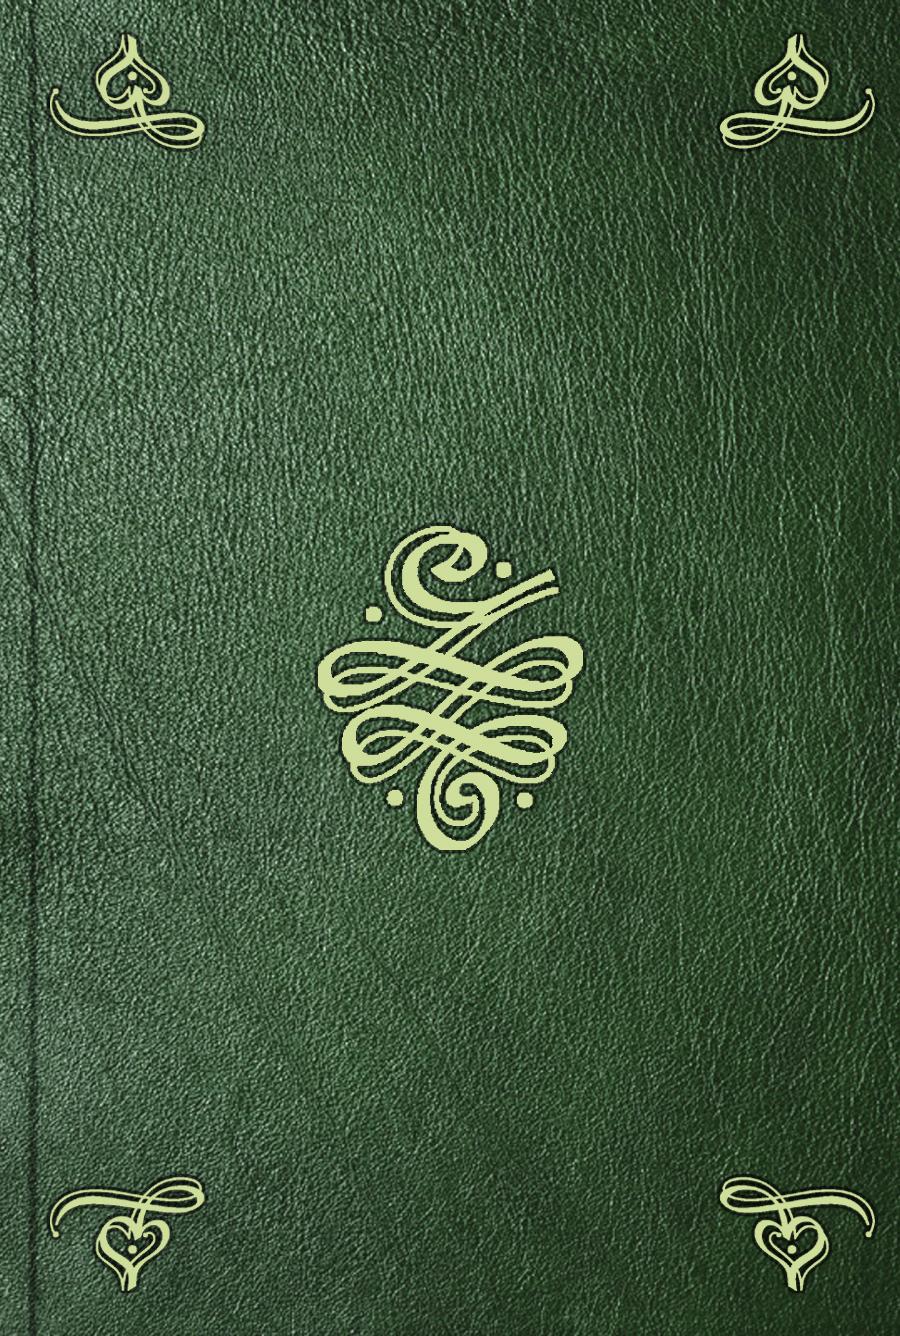 Ennio Quirino Visconti Musee Pie-Clementin. T. 2 ennio morricone ennio morricone s greatest hits 2 cd